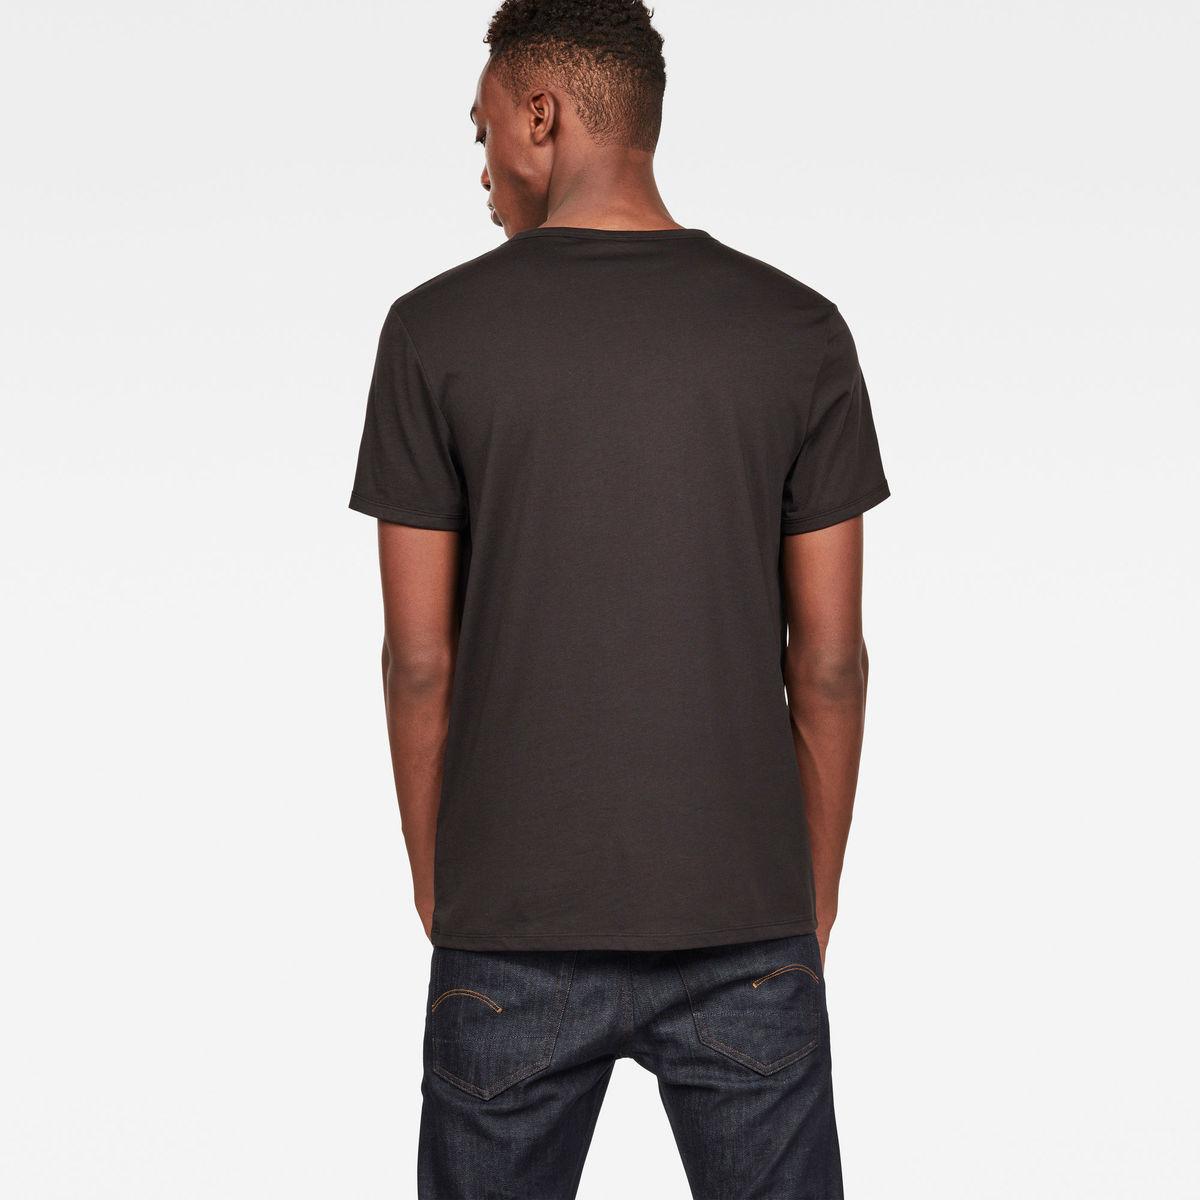 Bild 3 von Base-S T-Shirt